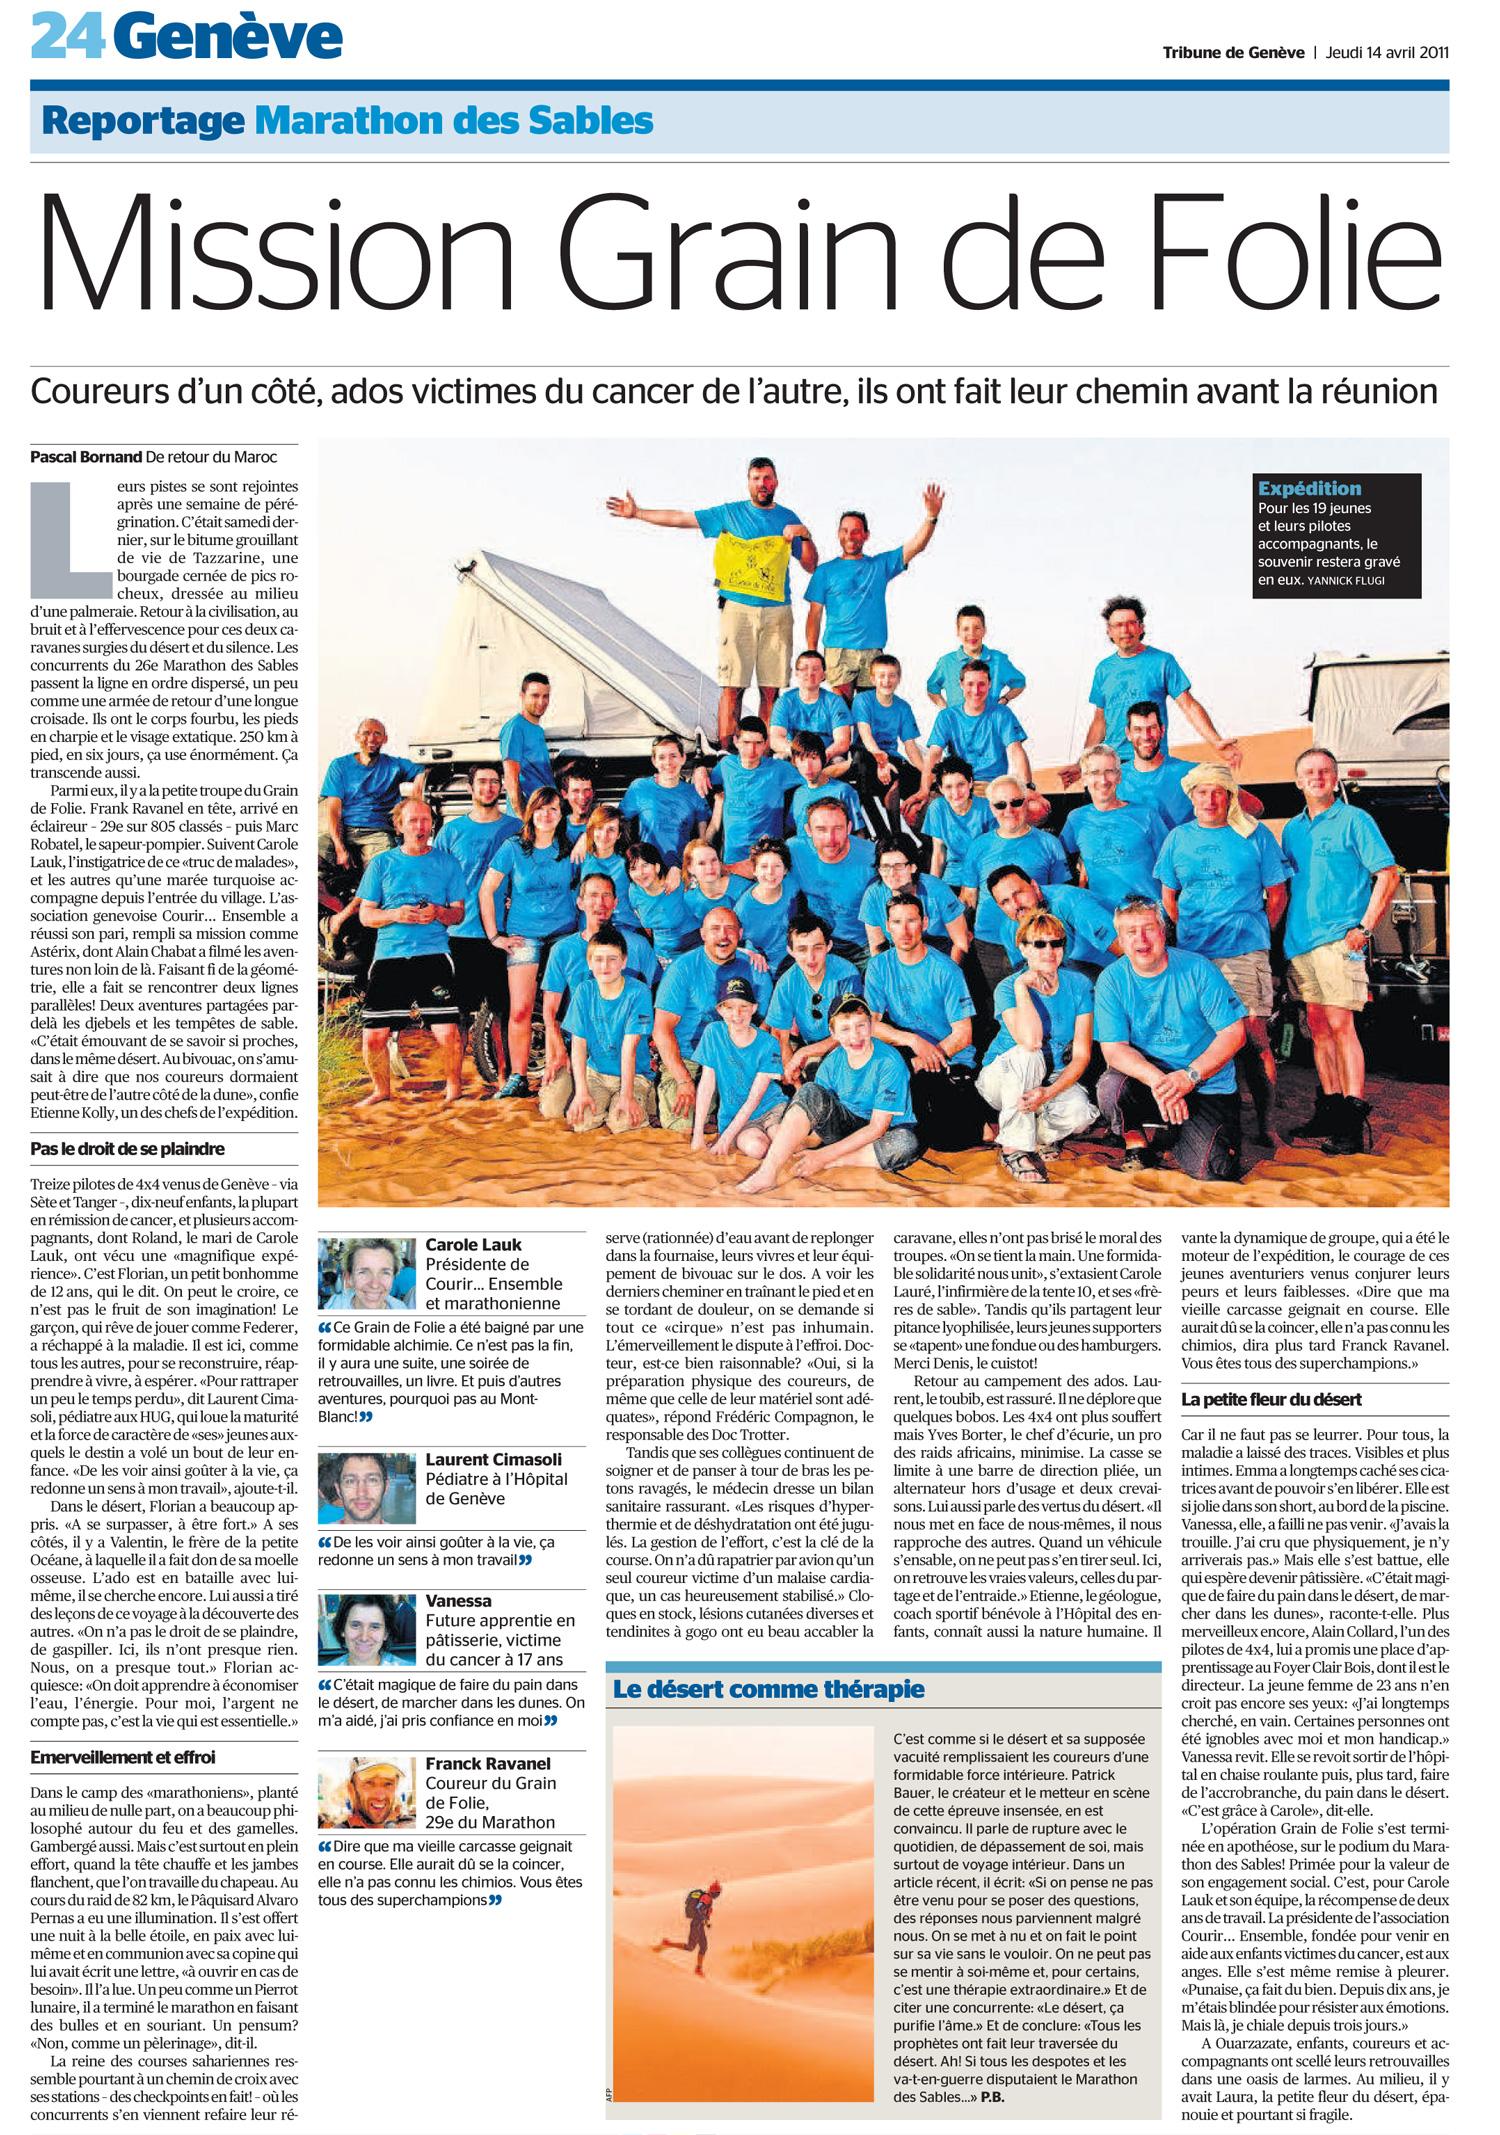 Tribune de Genève du 14 avril 2011